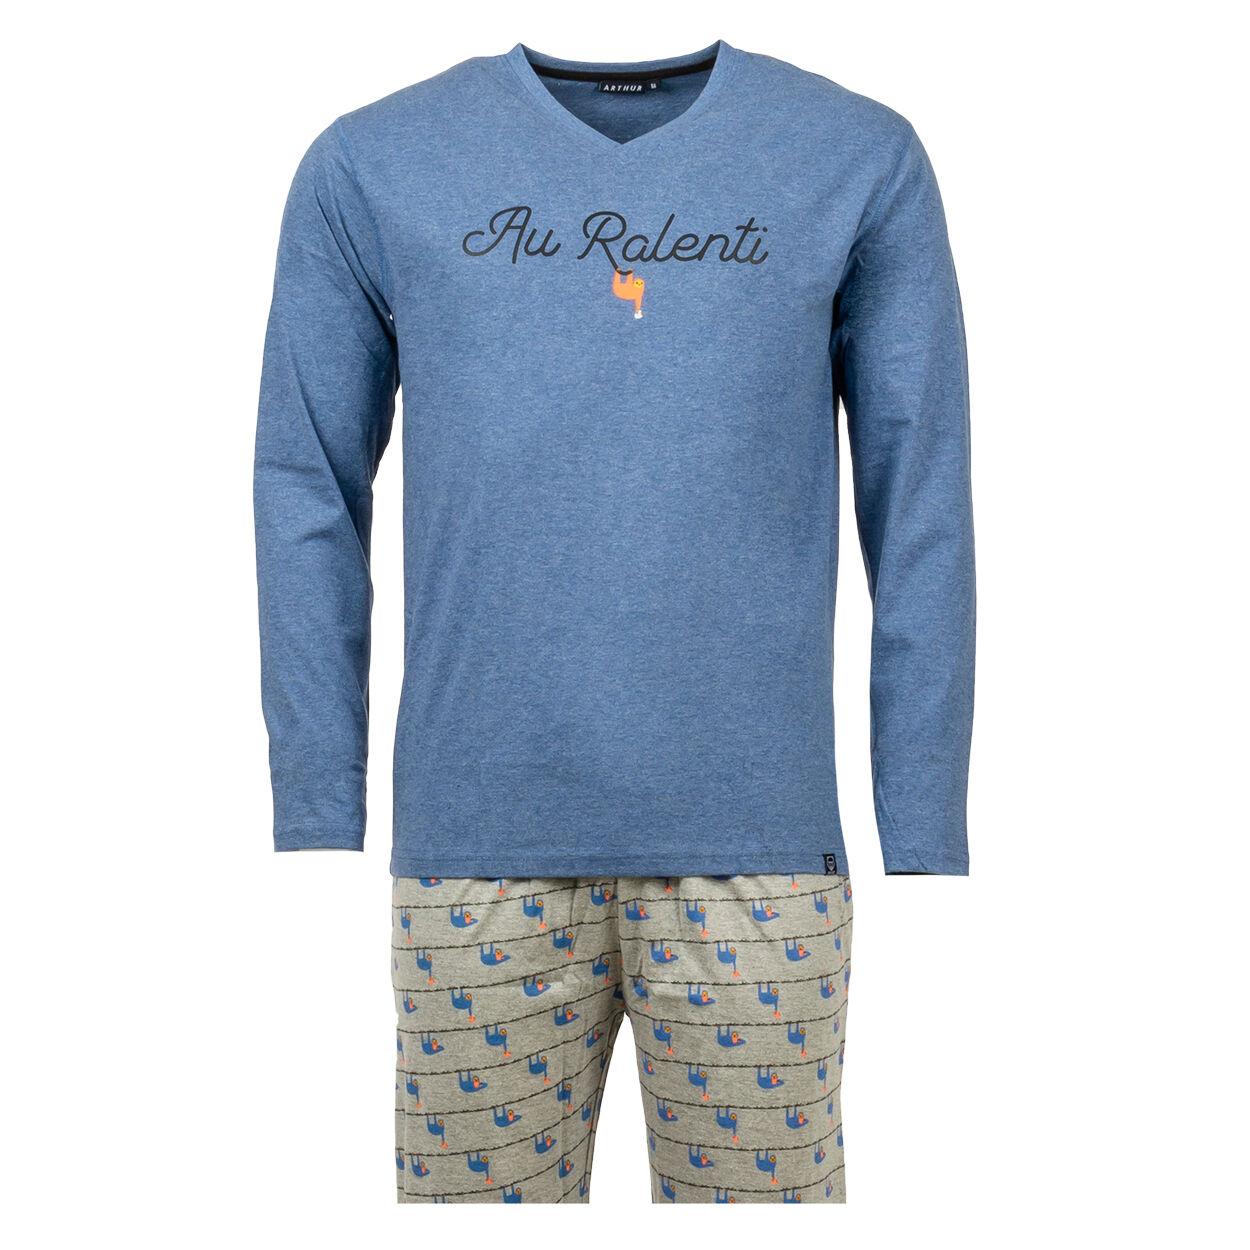 Arthur Pyjama long Arthur Ralenti en coton bio : tee-shirt manches longues col V bleu chiné floqué et pantalon gris imprimé de paresseux bleus - GRIS BLEU -